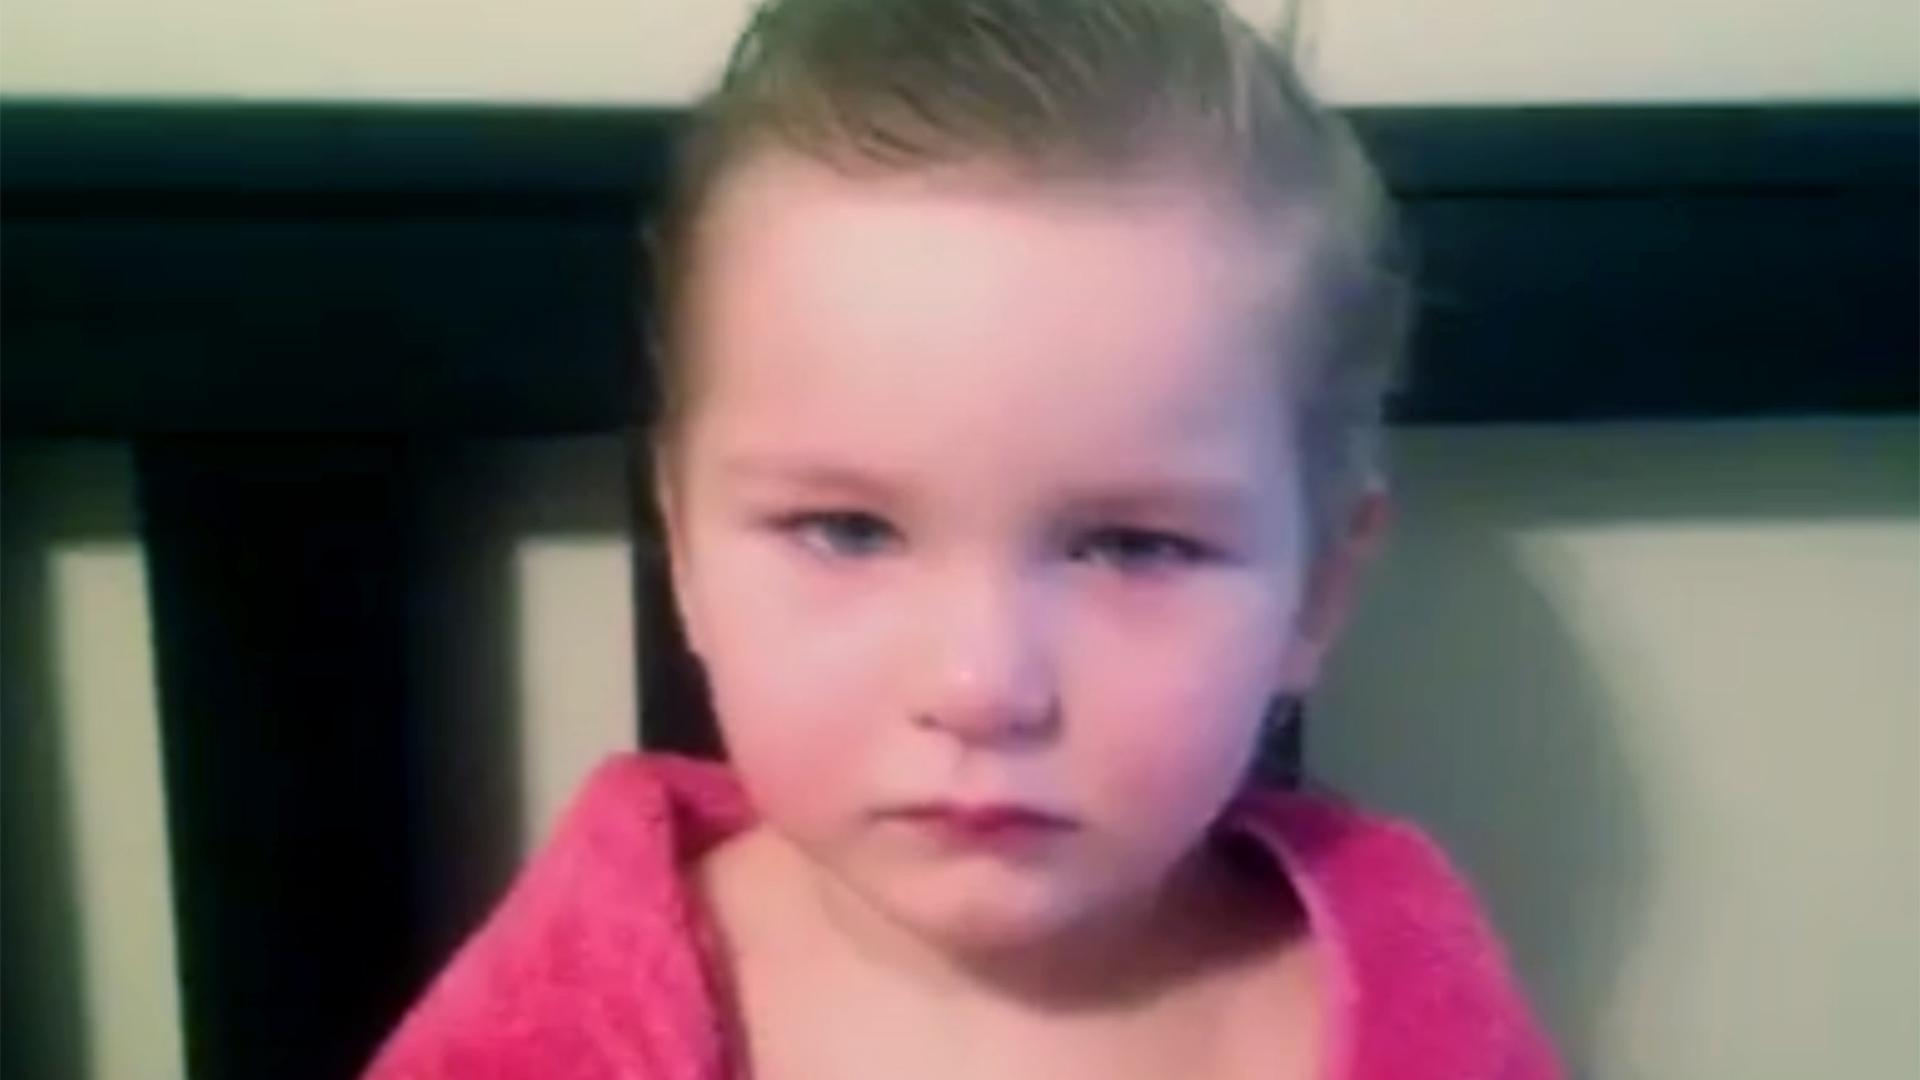 Kid haircut: 3-year-old cuts her own hair, cuteness ensues